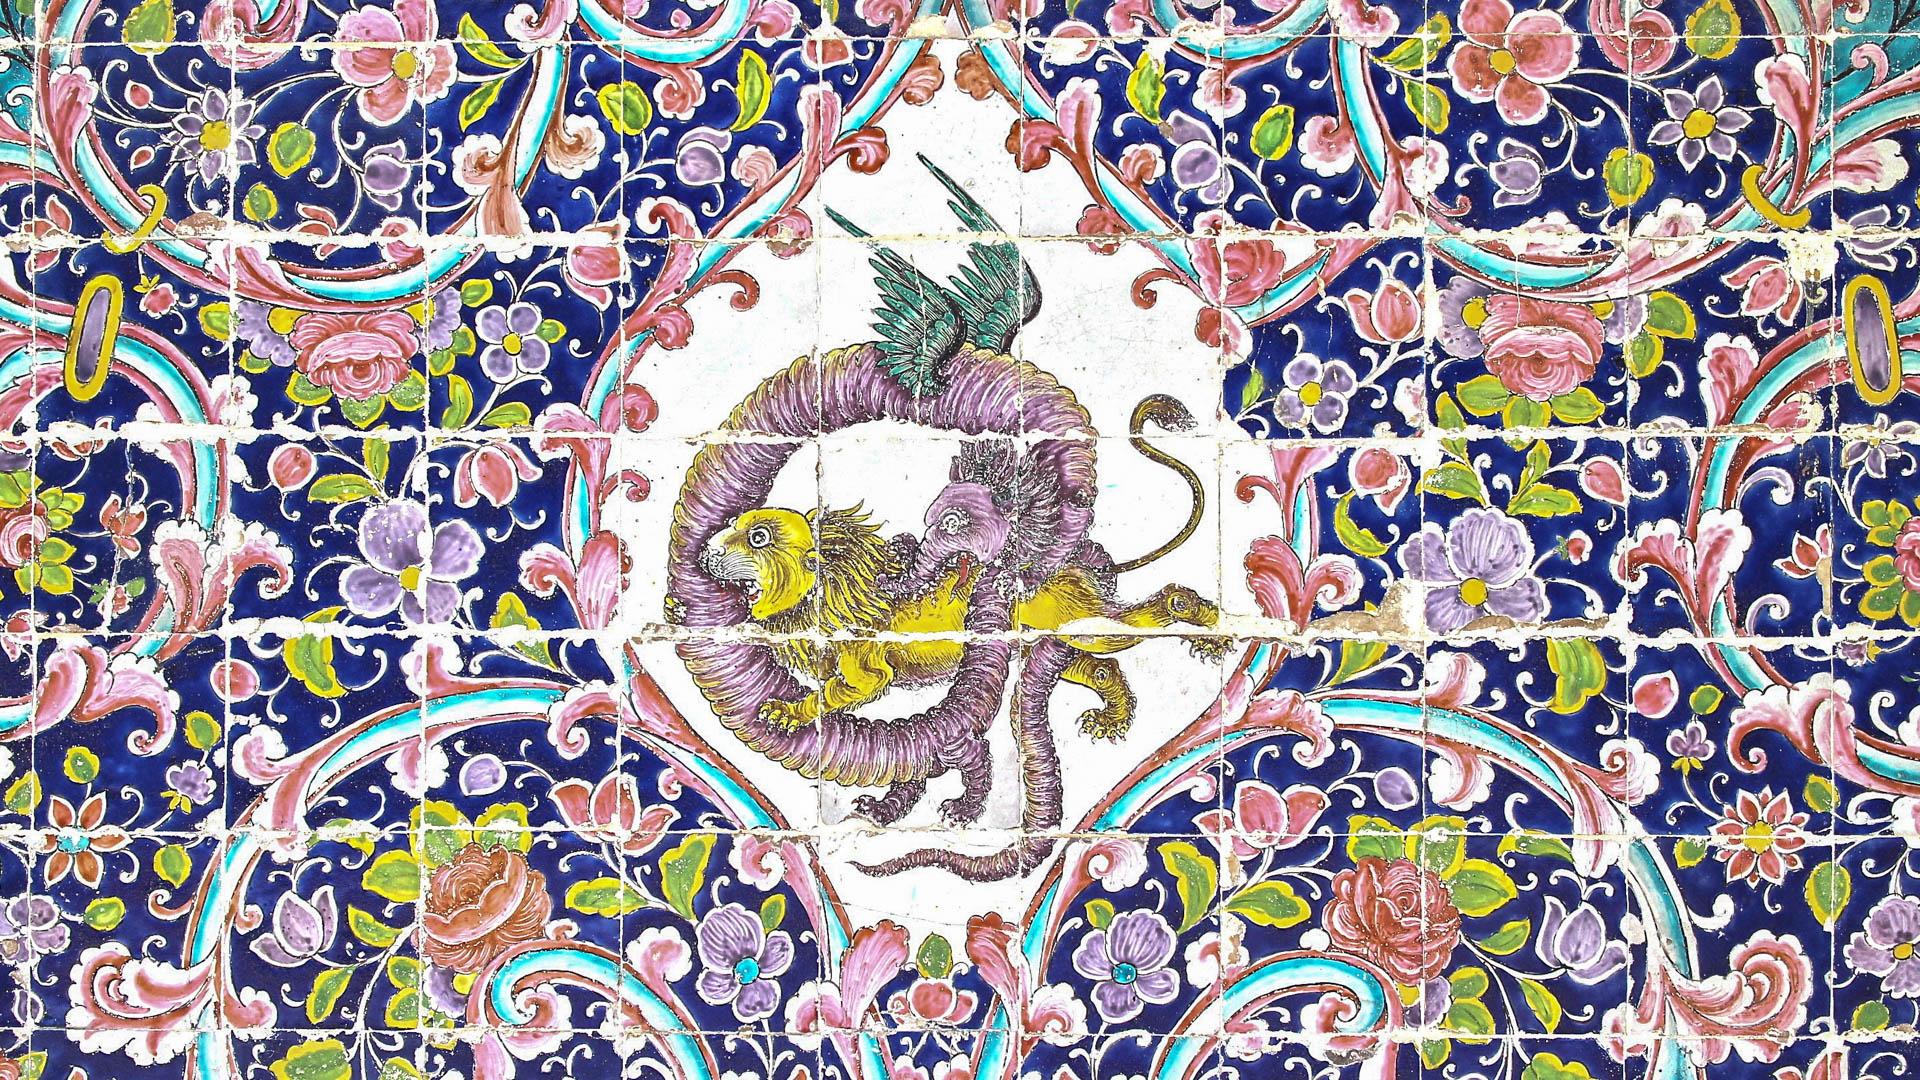 ゴレスタン宮殿(イラン)の壁タイル